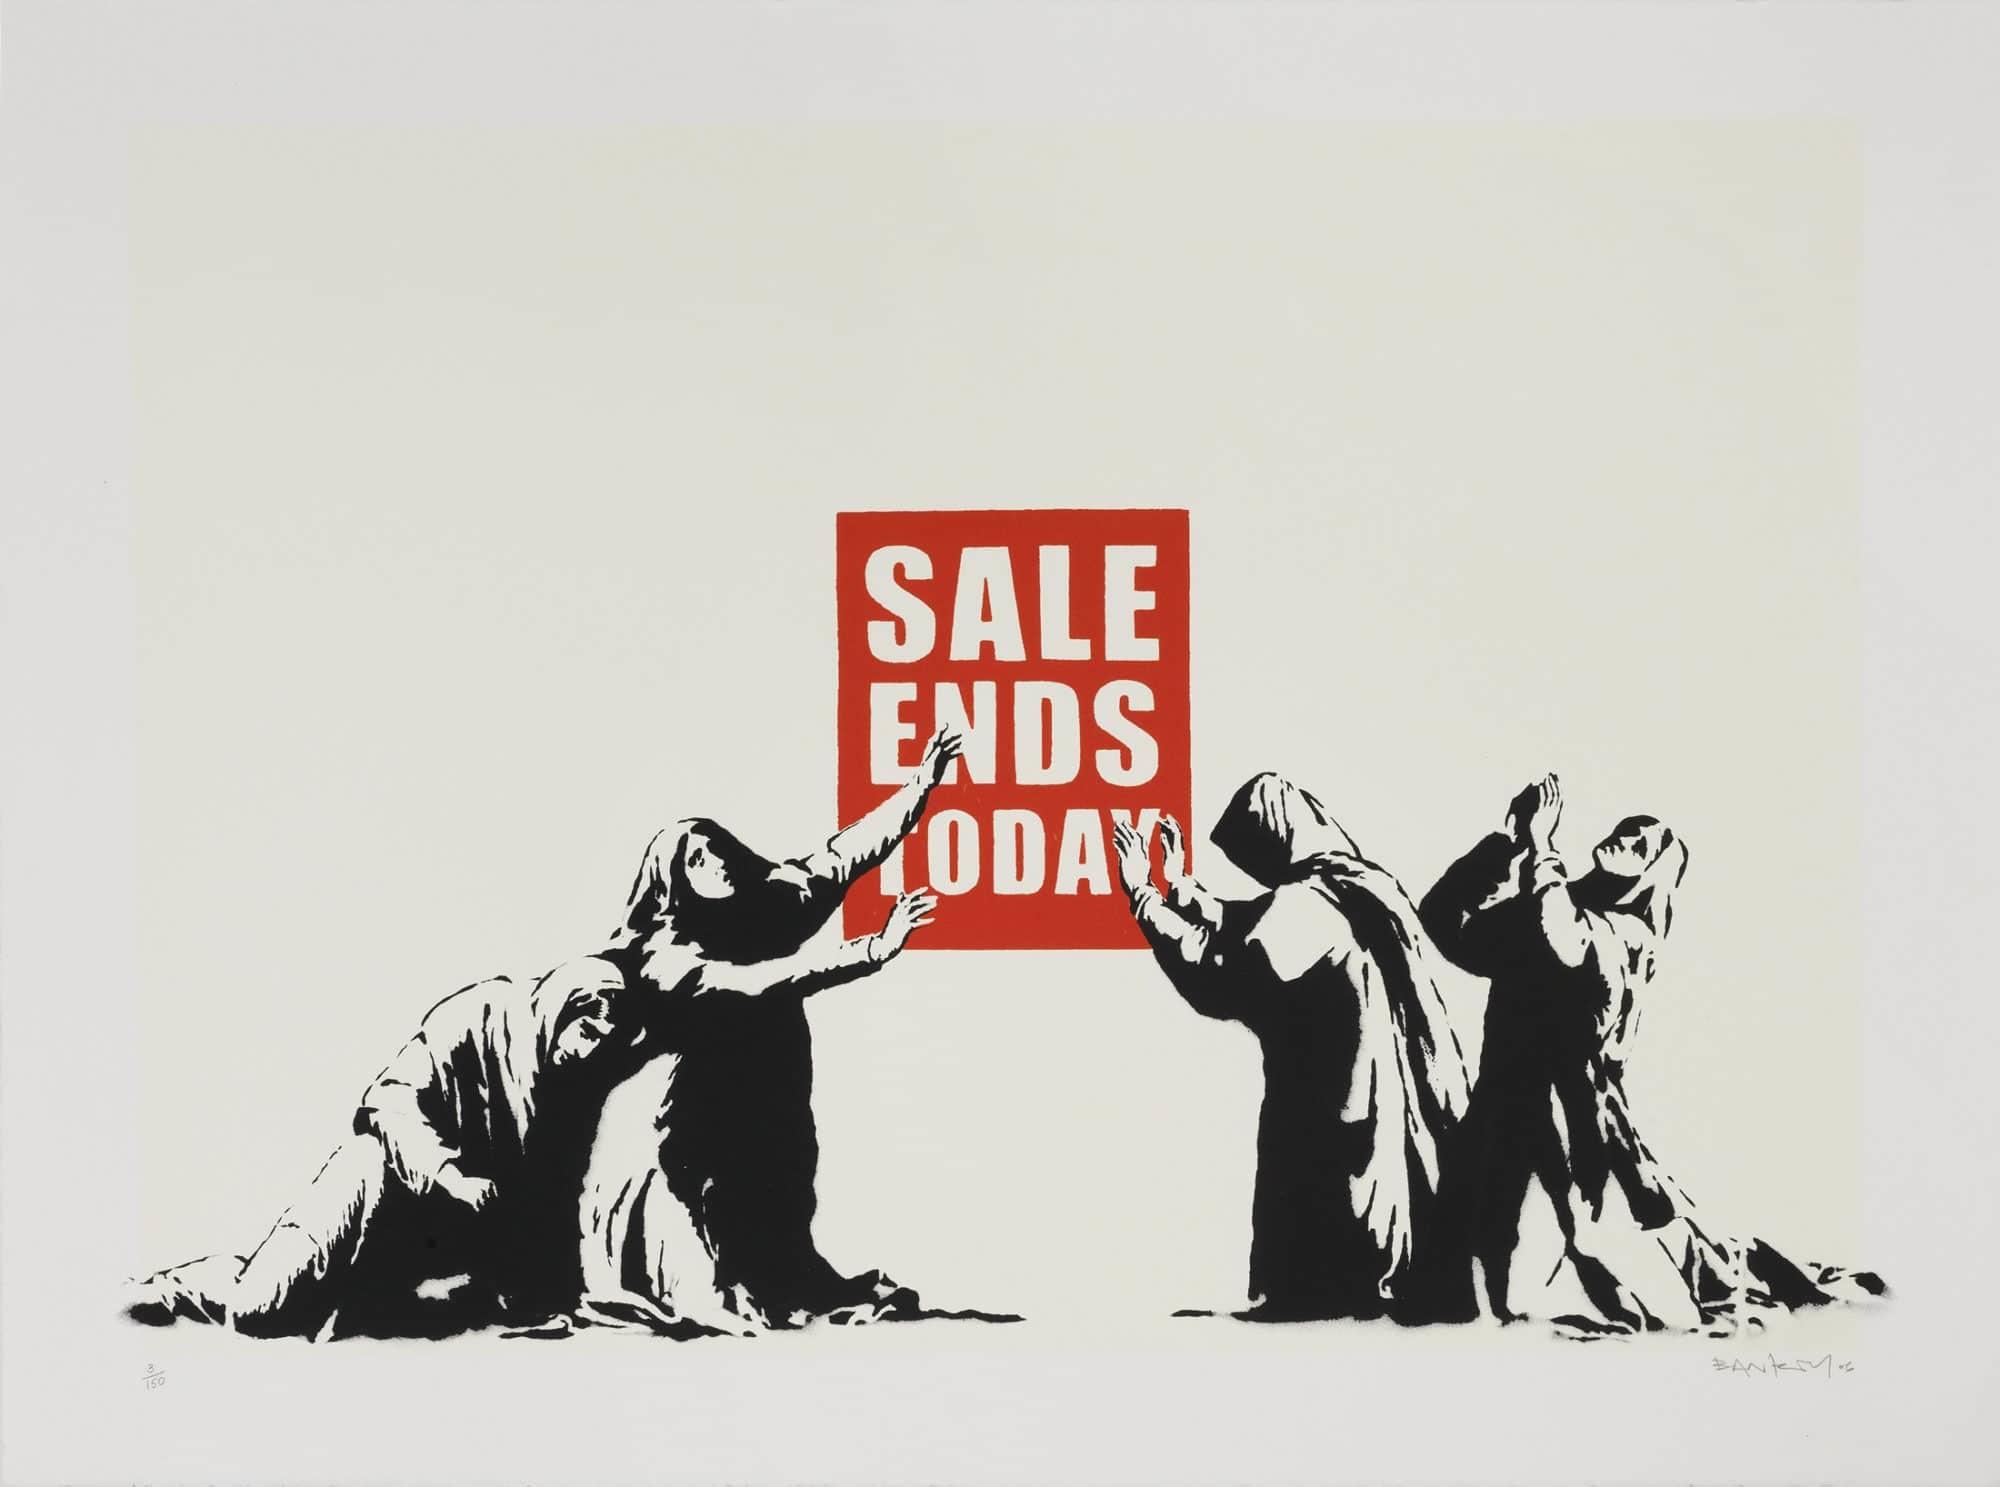 Sales Ends Today: l'angoscia del mancato acquisto | Dipendiamo.blog